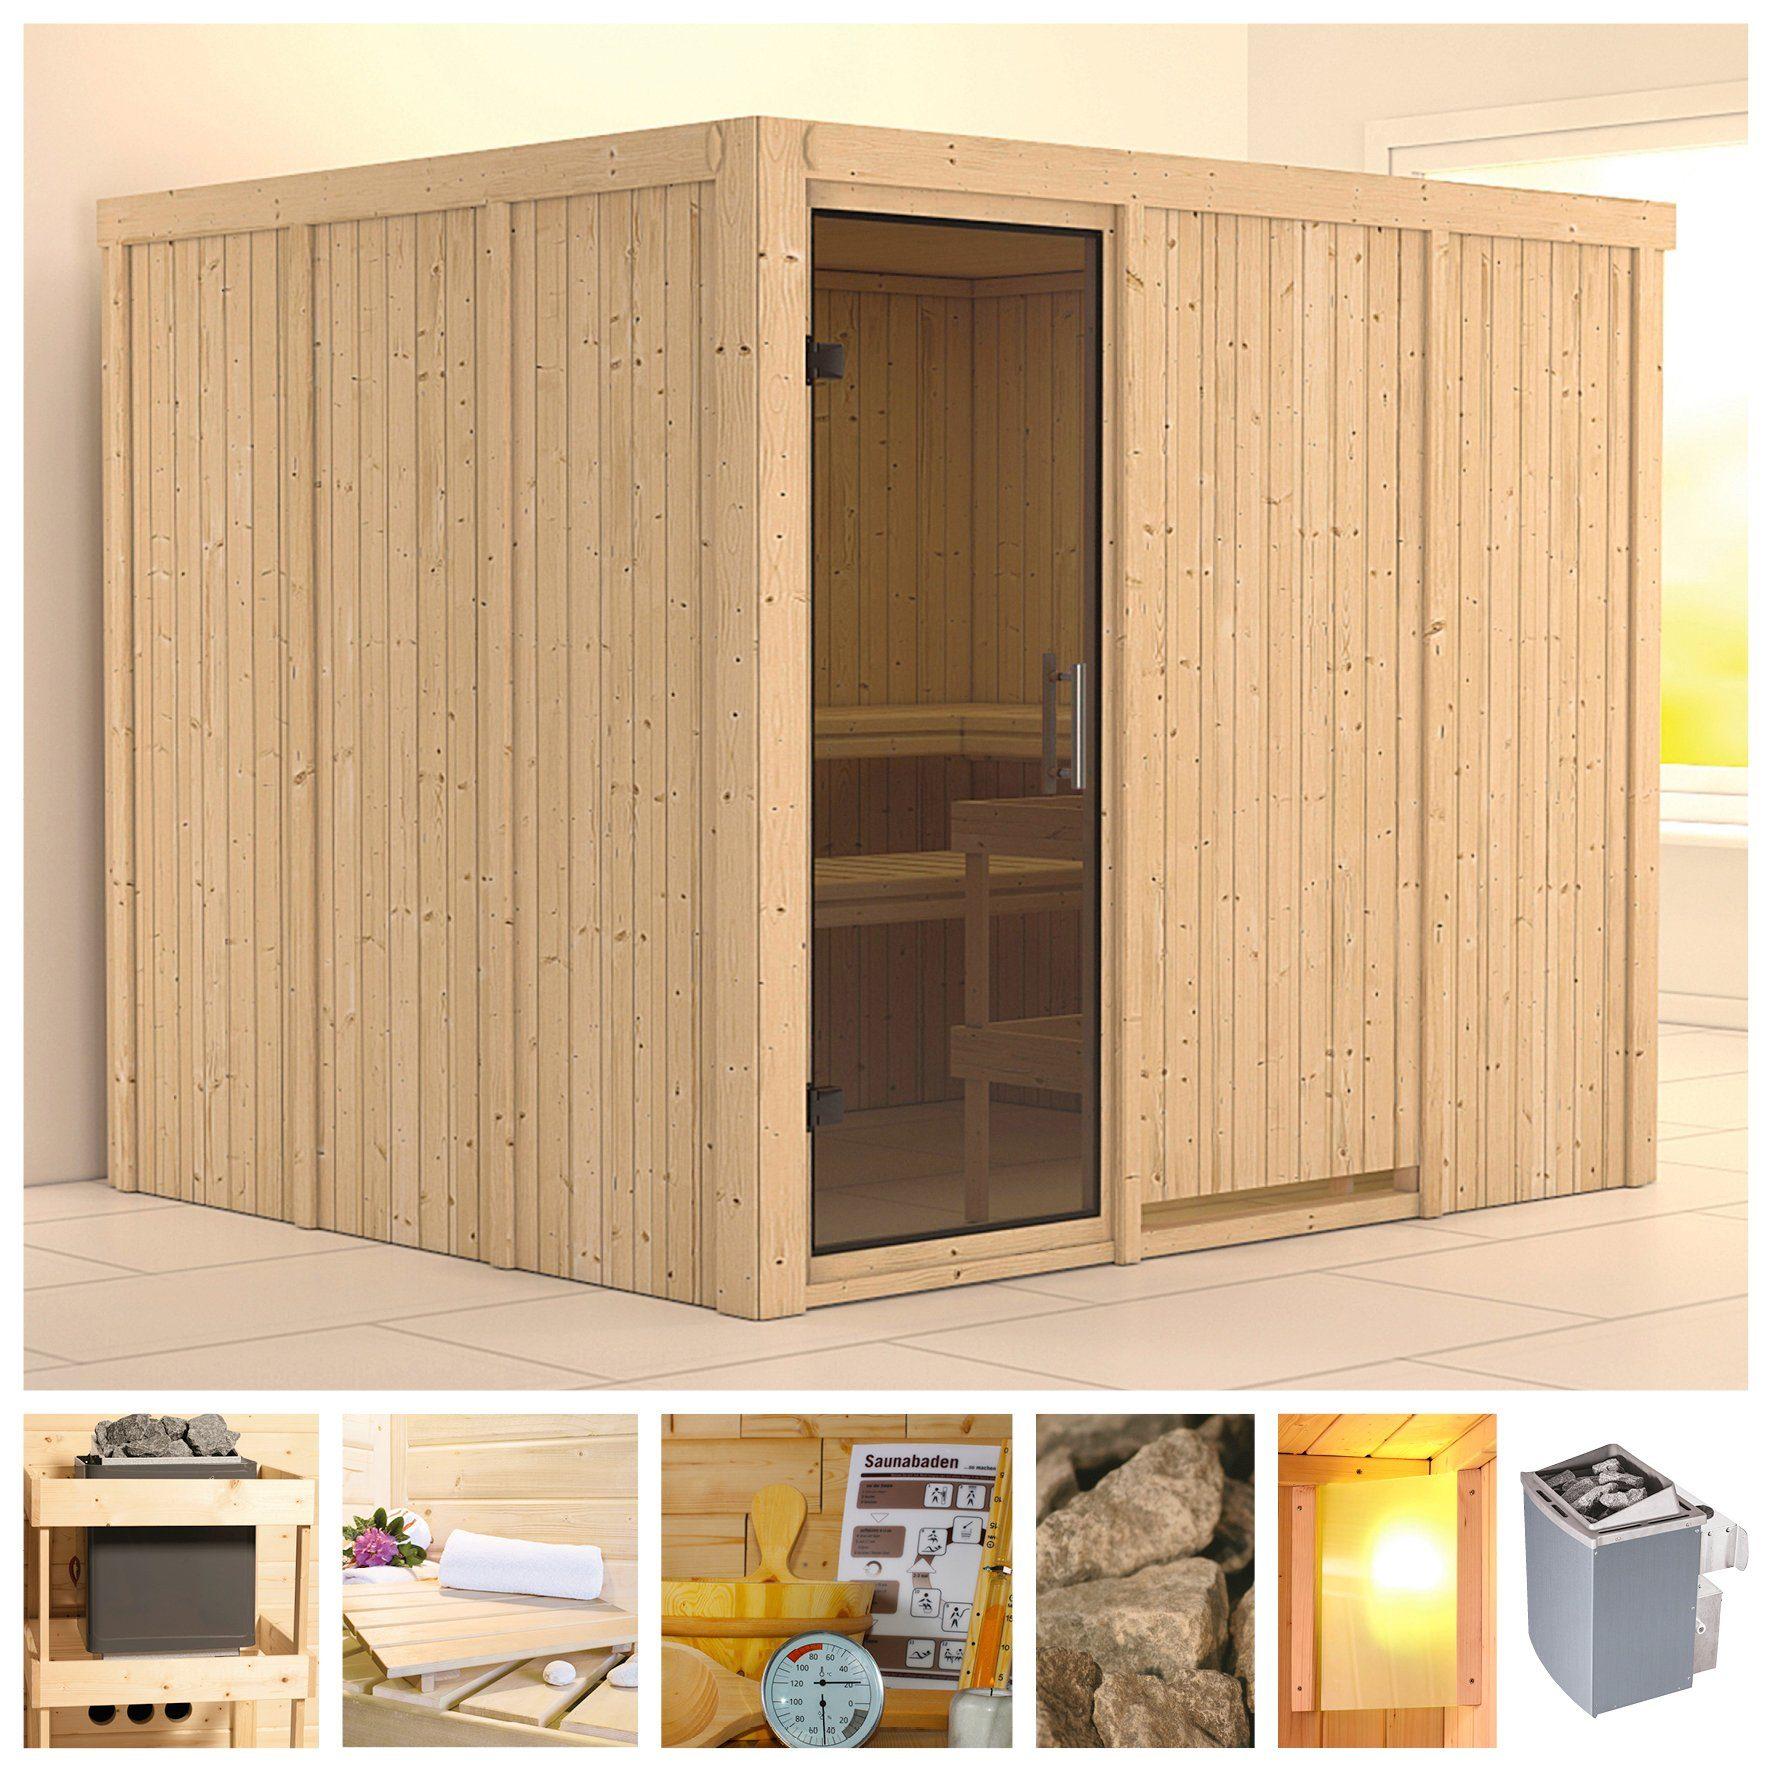 KONIFERA Sauna »Gobin«, 231/196/198 cm, 9-kW-Ofen mit int. Steuerung, Glastür grafit